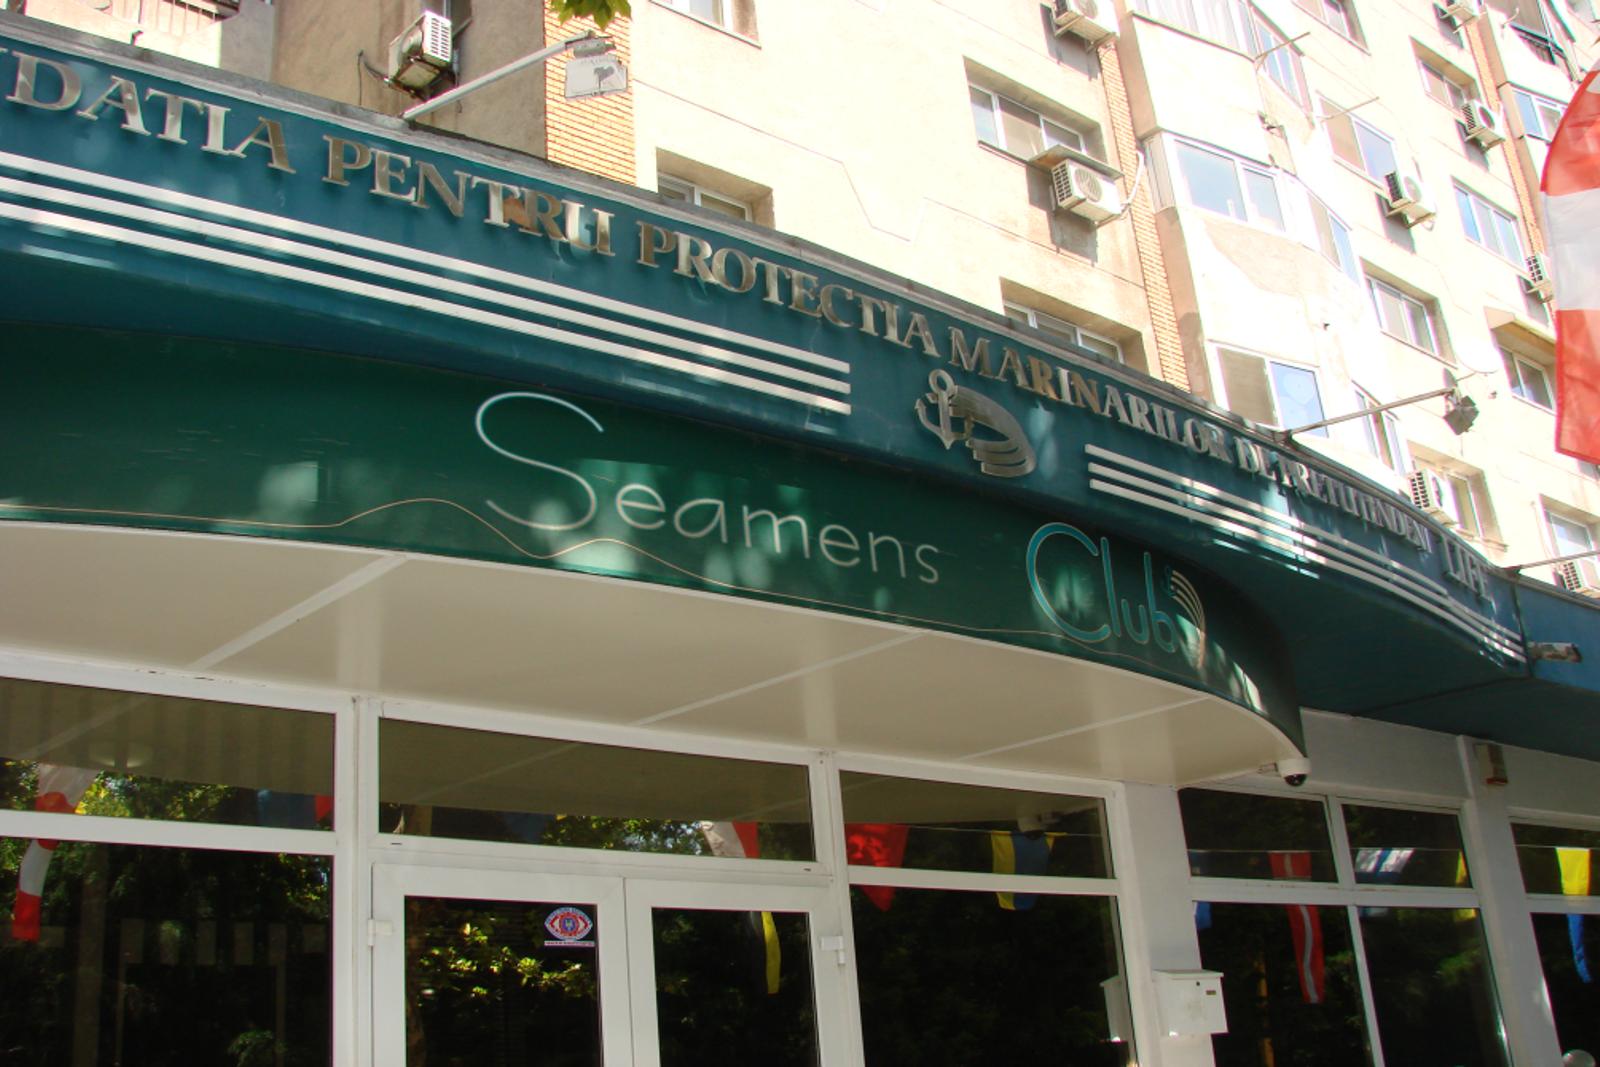 Seamen's Centers